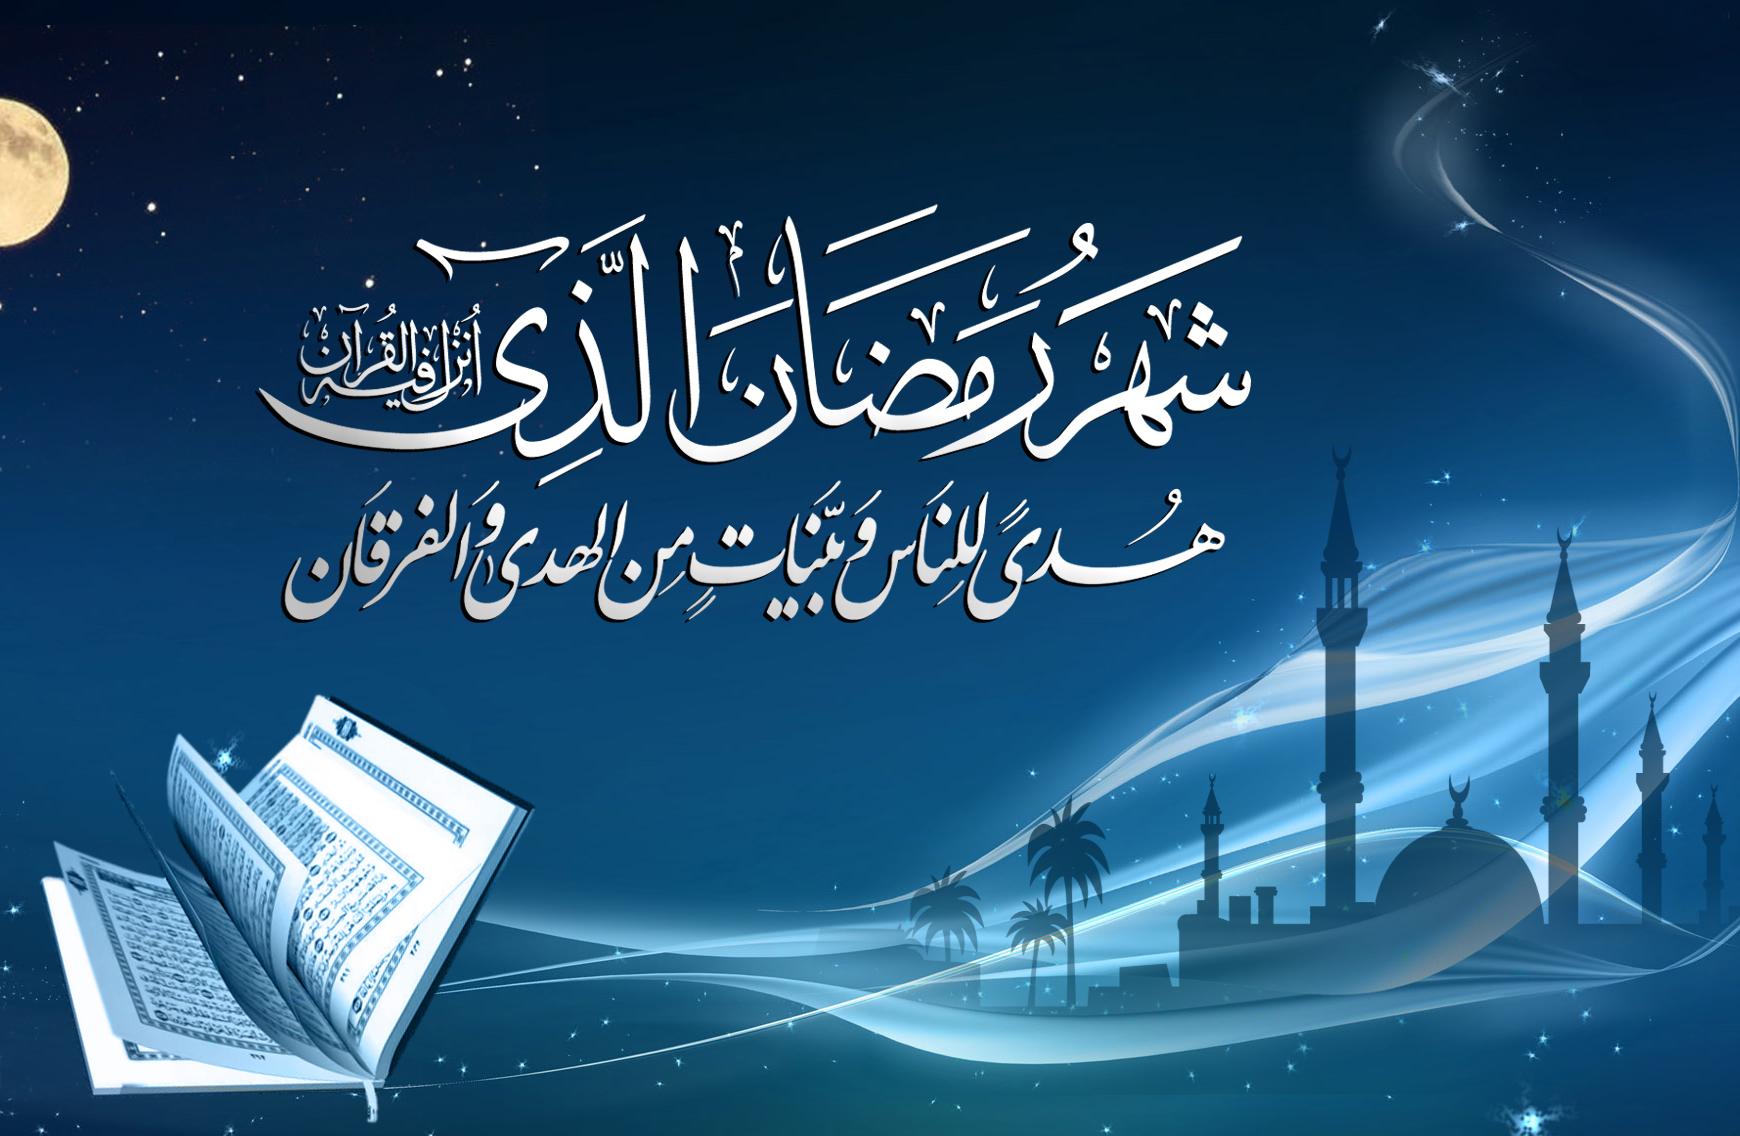 في ما يخص شهر رمضان المبارك